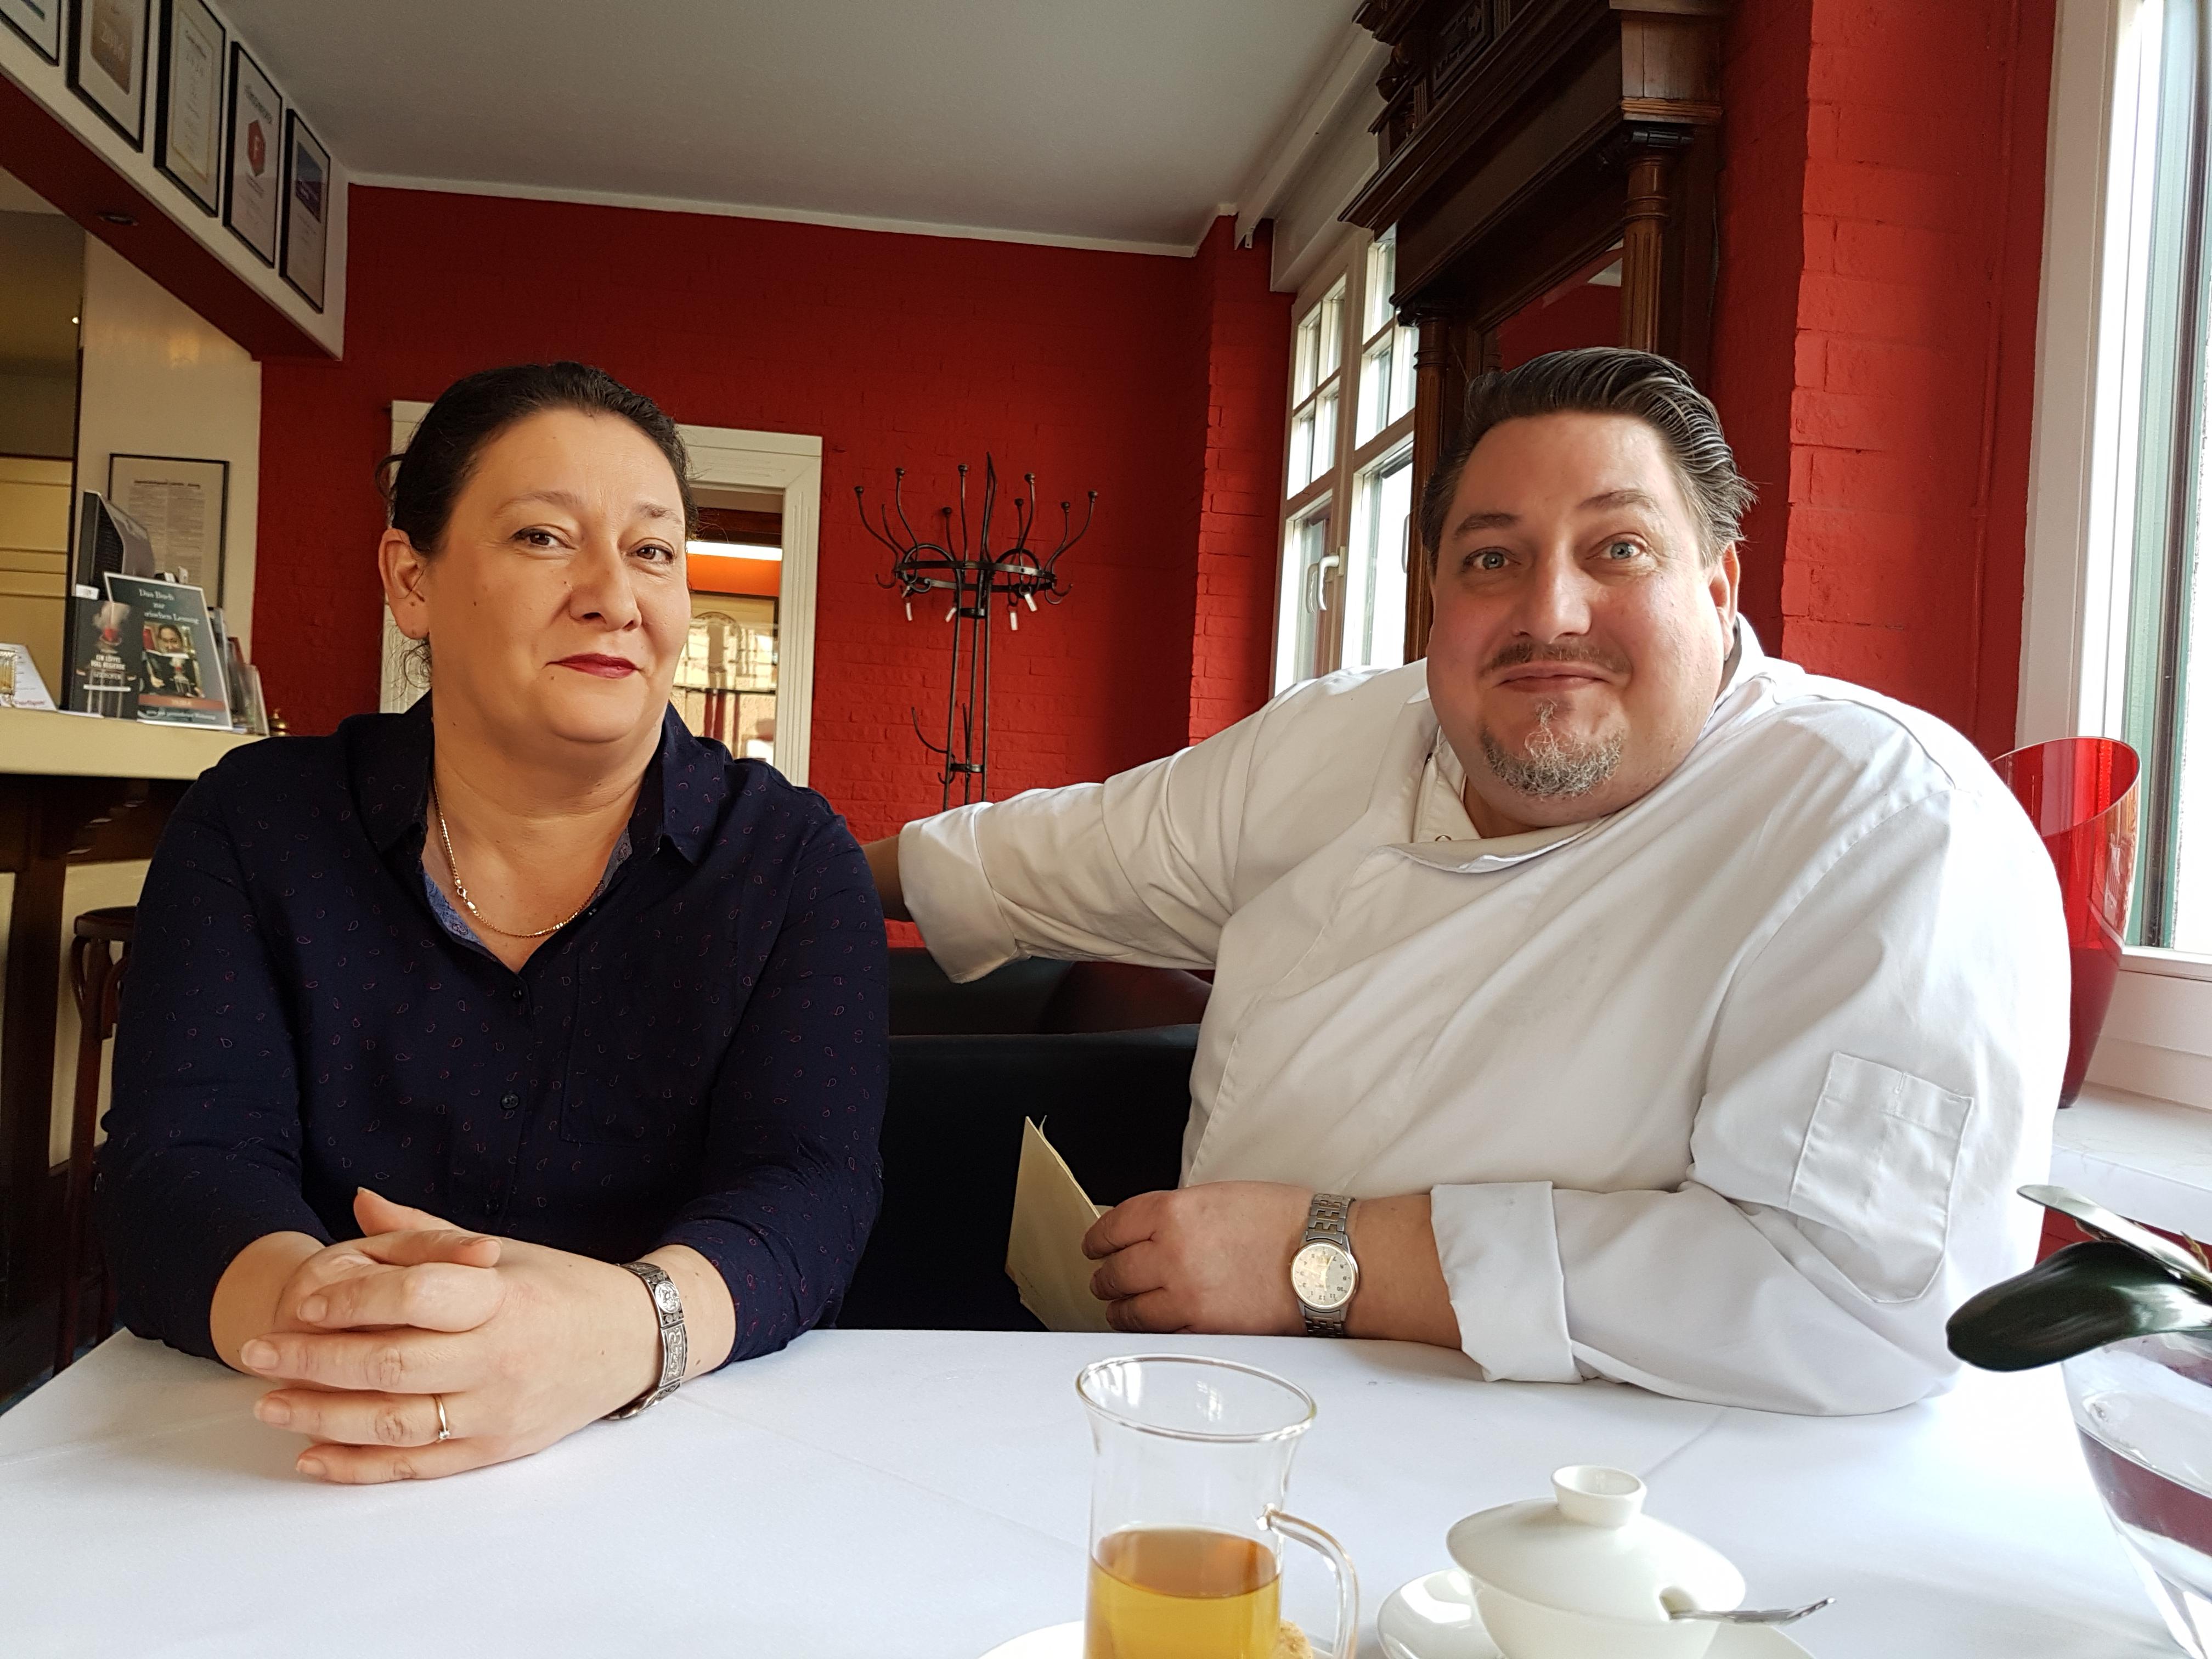 Iris und Frank Schreiber lernten sich im Berliner Hilton kennen. Er kochte, sie machte Marketing. Seit 1997 tun sie das im Goldenen Hahn